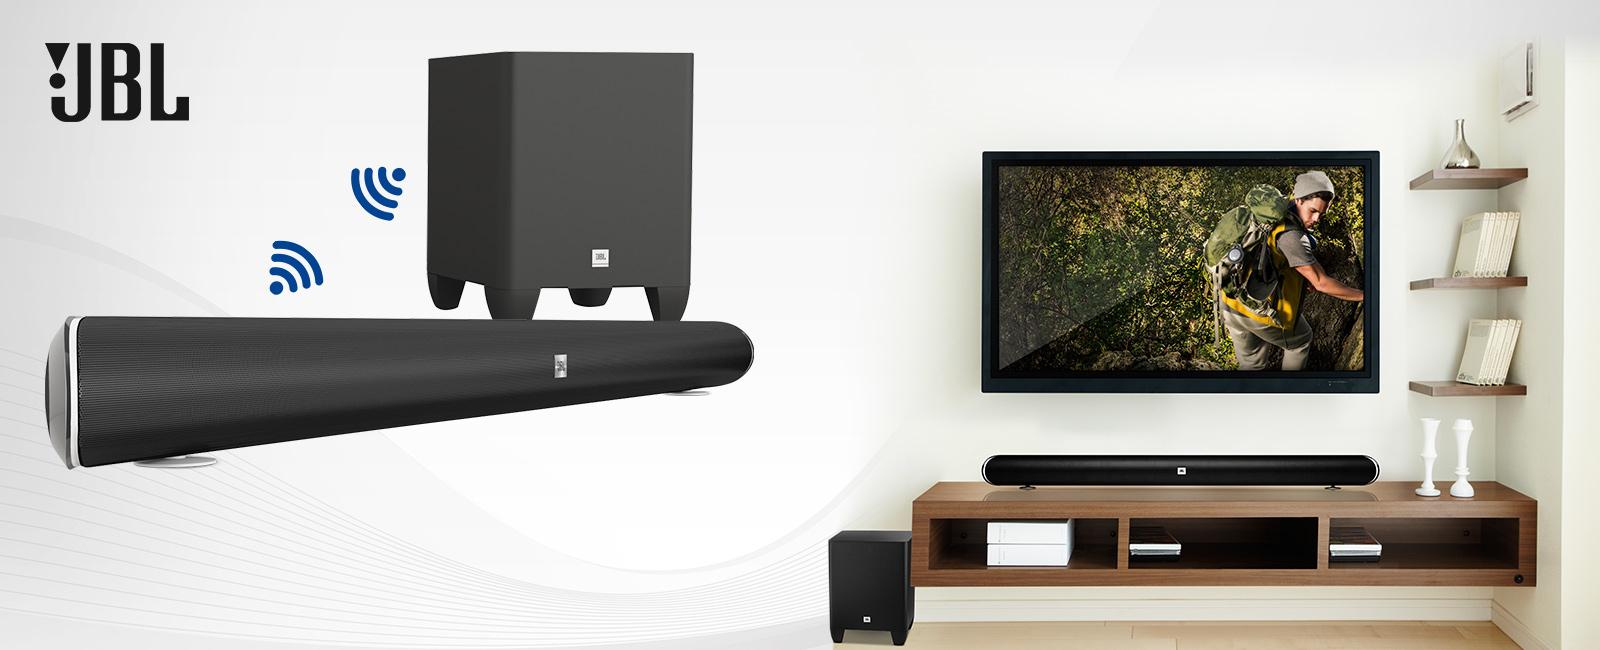 Les meilleures barres de son pour votre TV